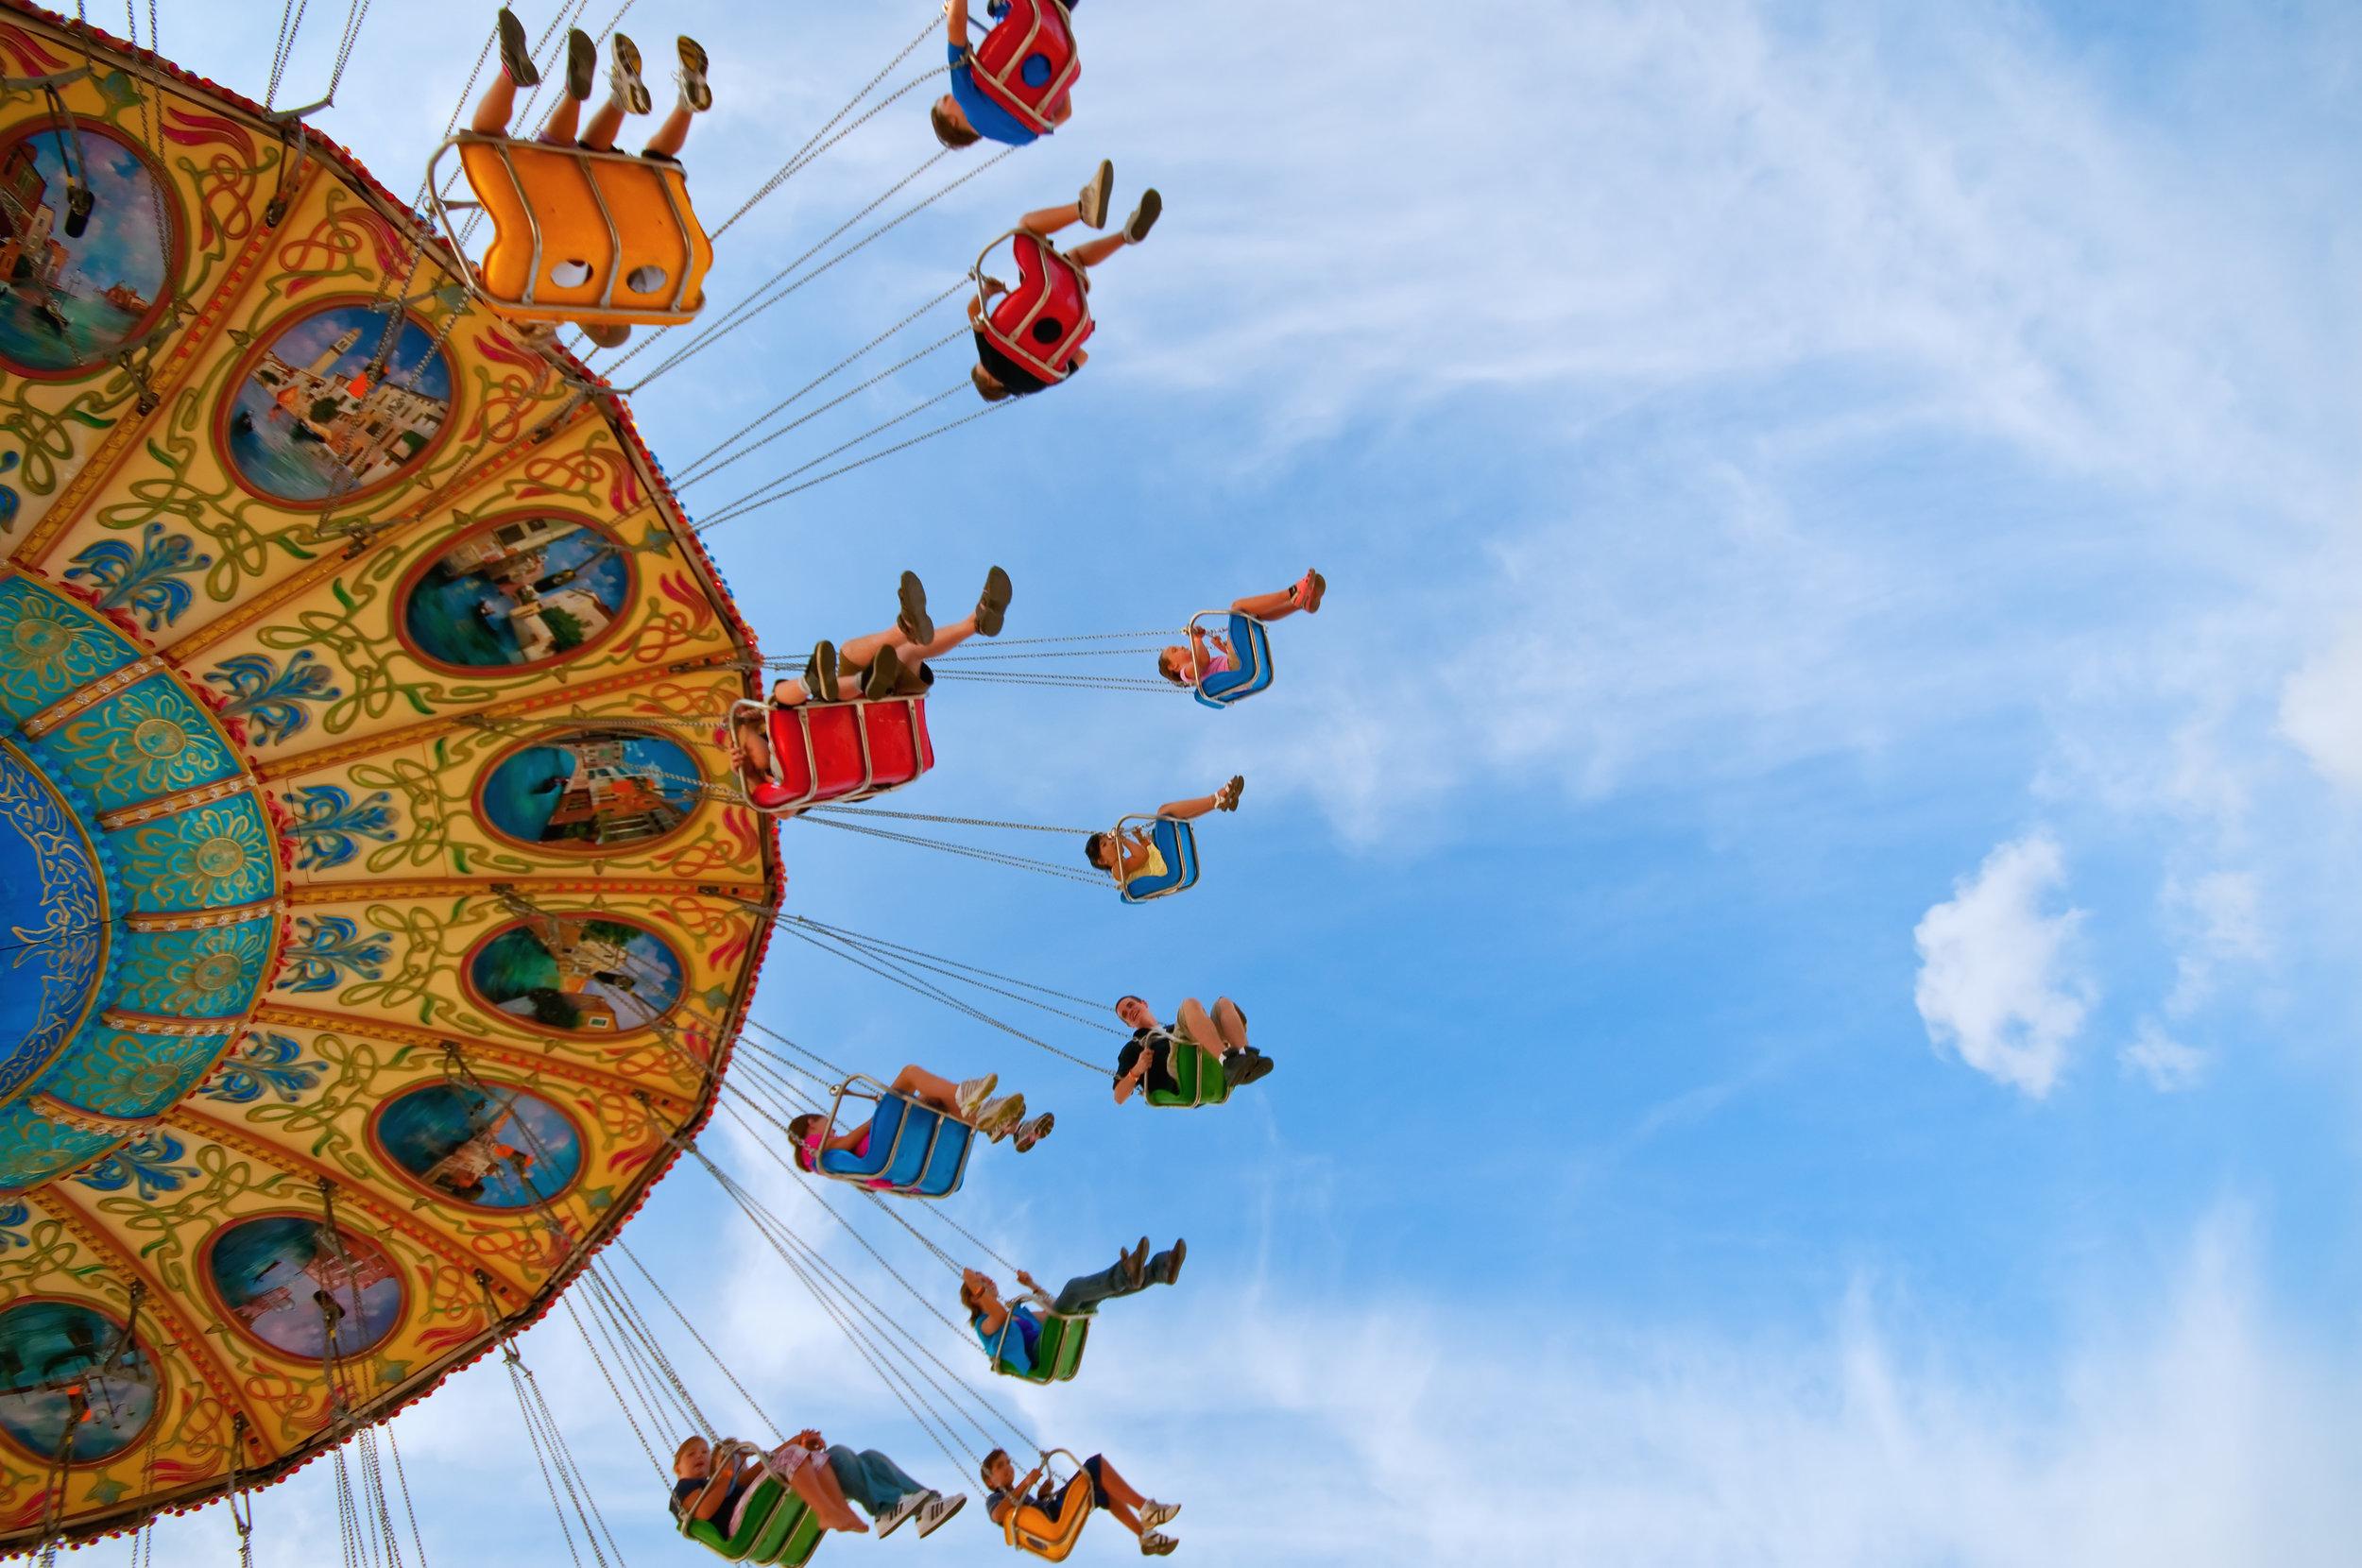 Amusement park pexels.com